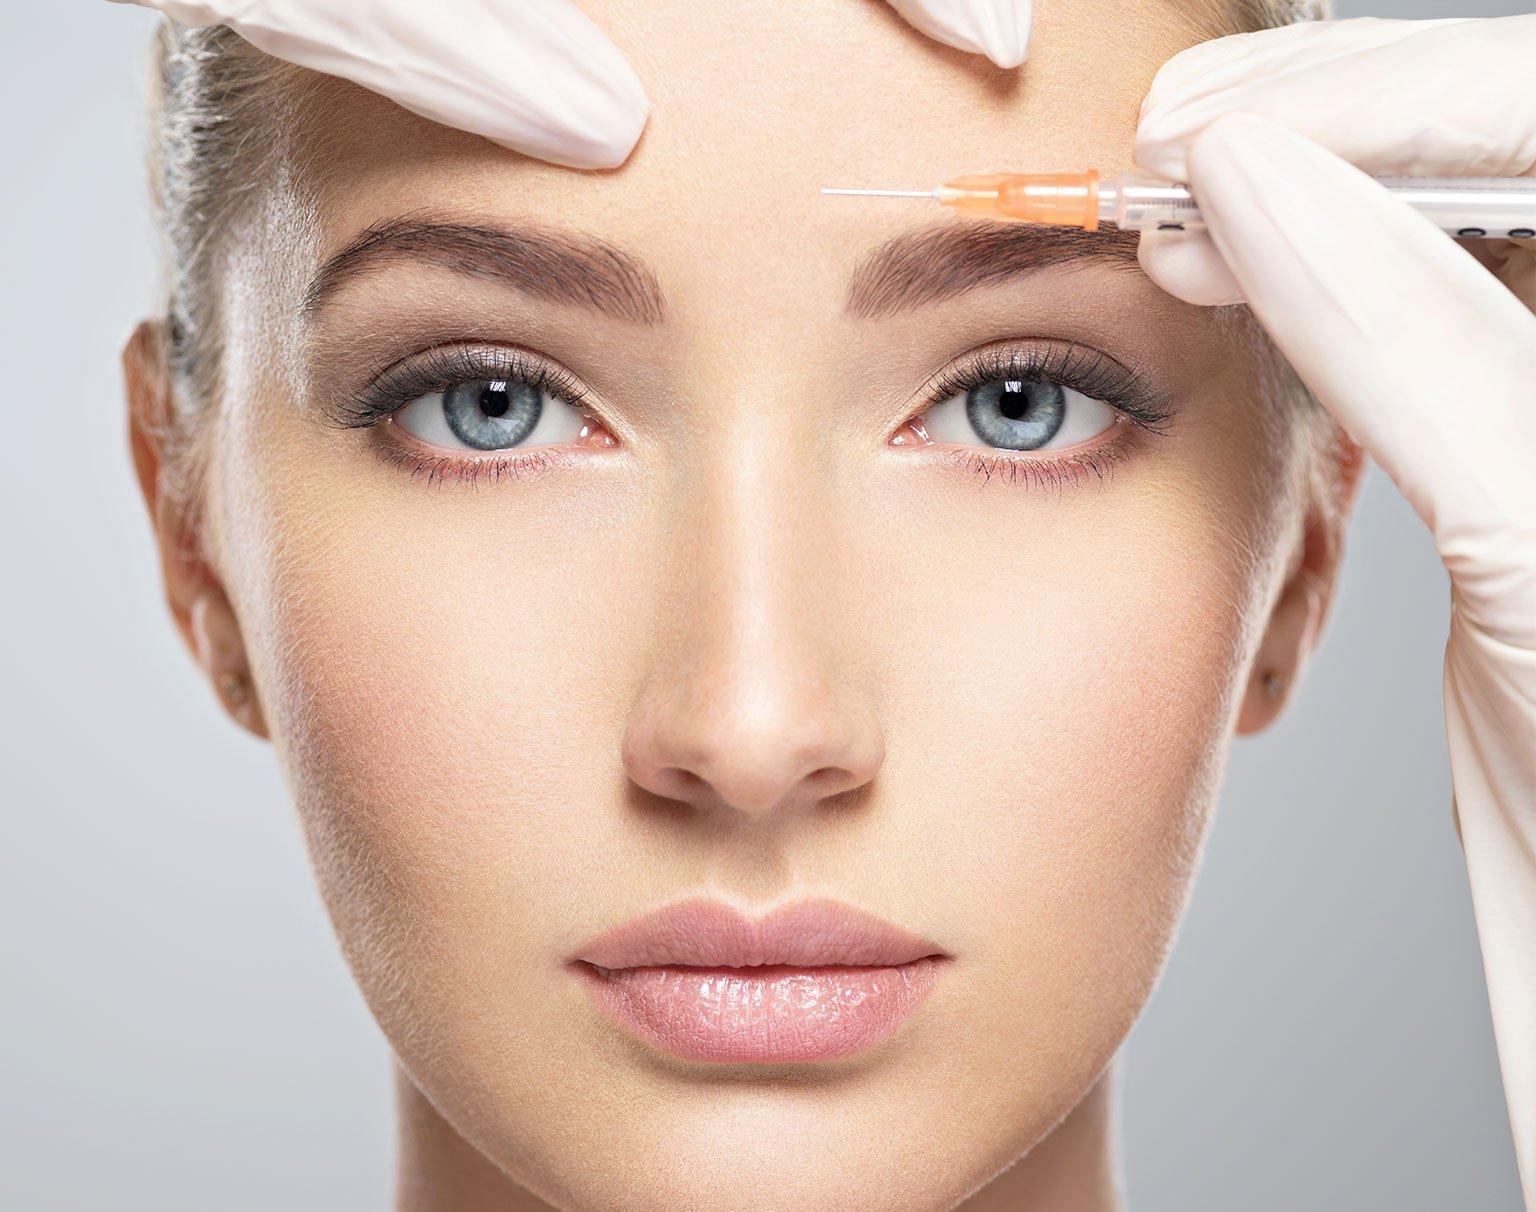 Les injections de Botox contre les rides à Paris 16 - Dr Marchac